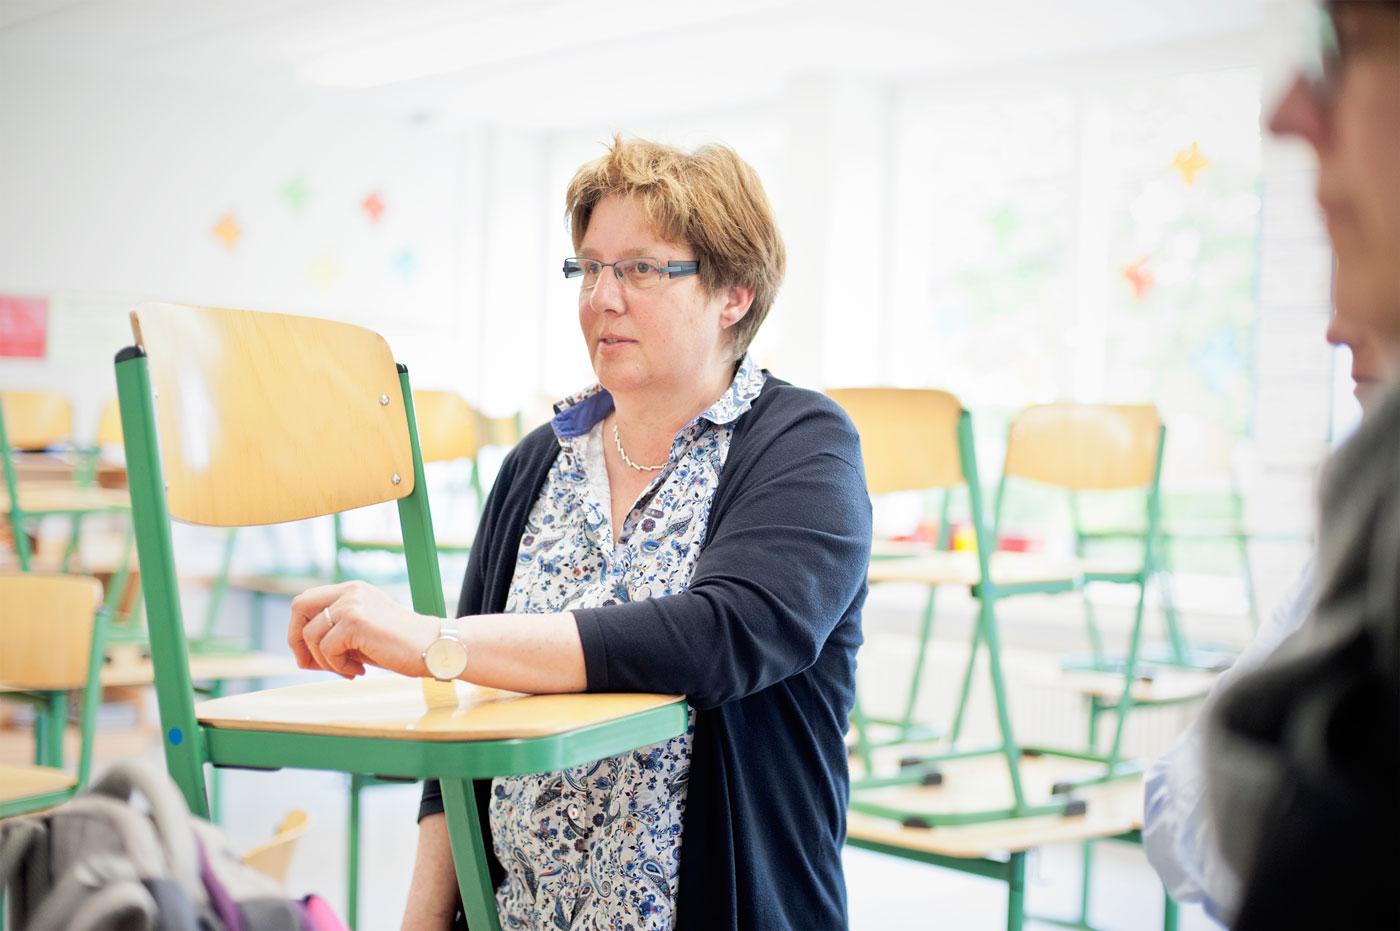 Voneinander lernen - Inklusion an der Gesamtschule Uerdingen